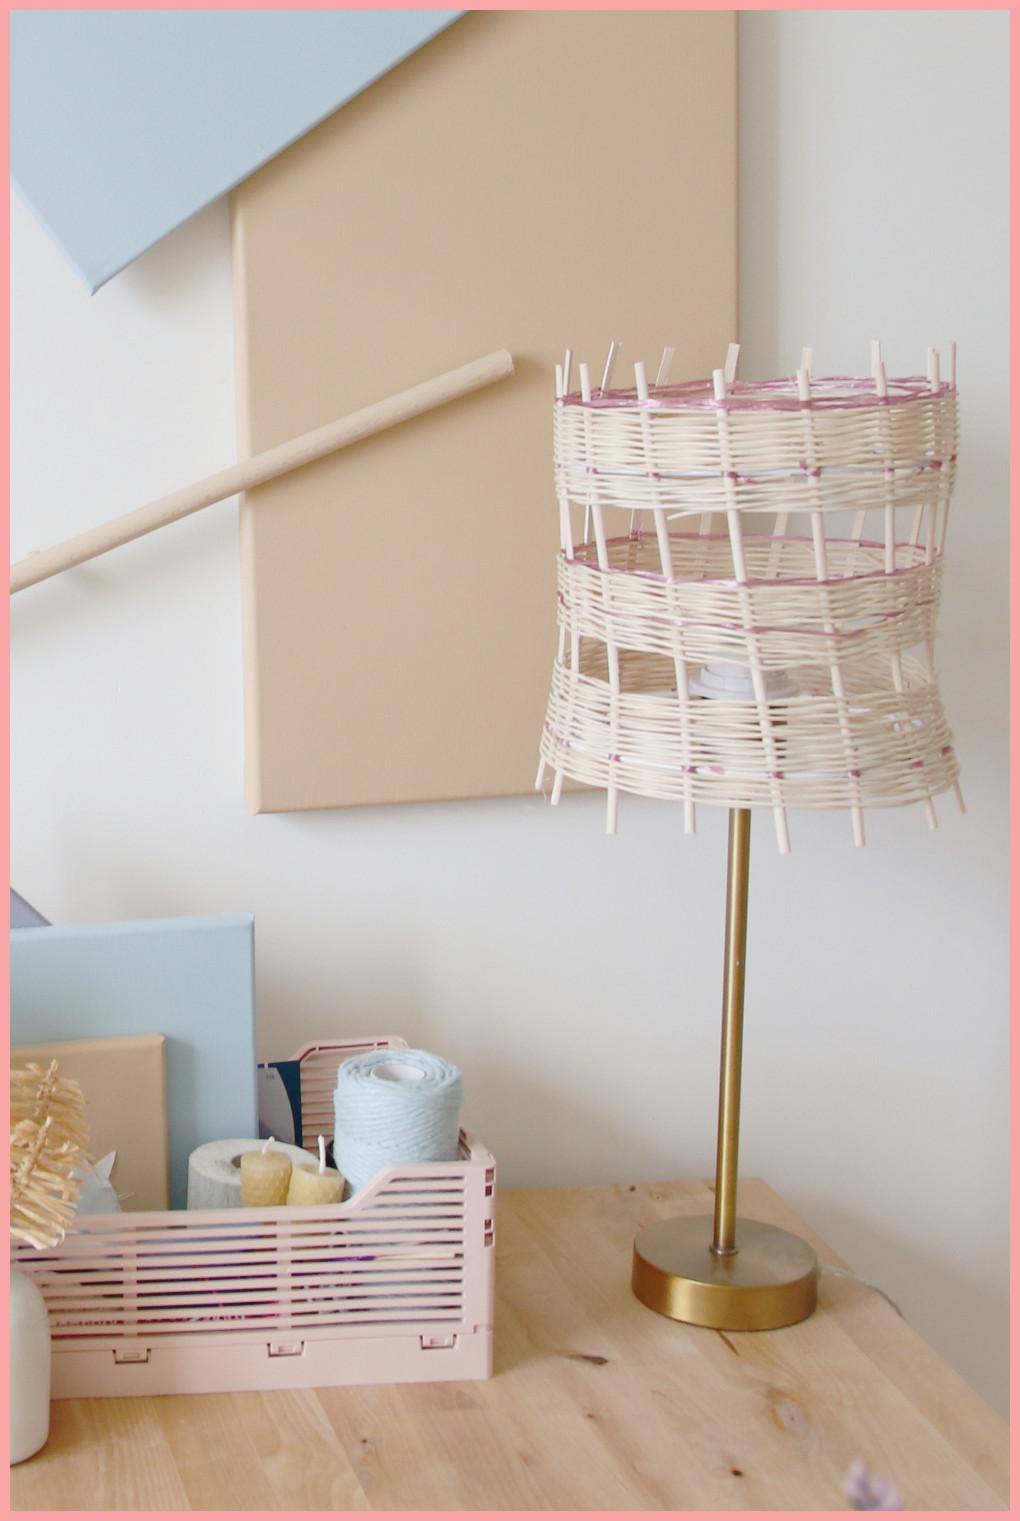 Lampe selber machen - Korblampe flechten - Version 2